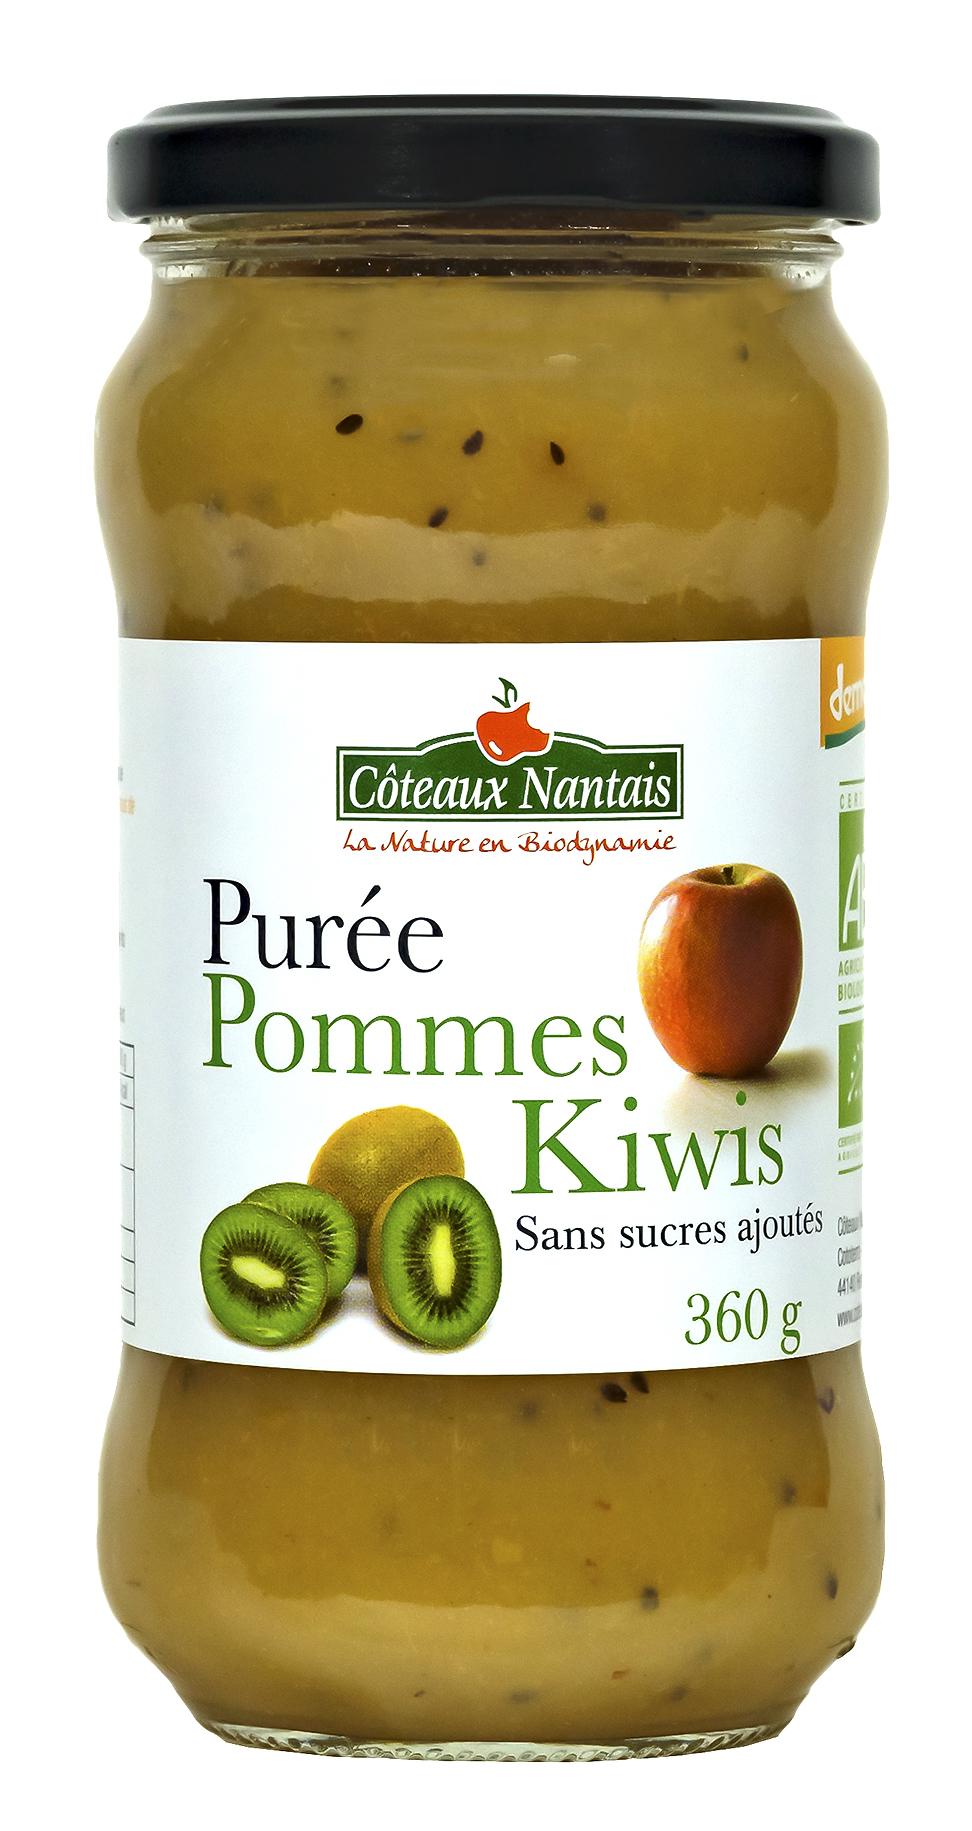 Purée de pommes kiwis